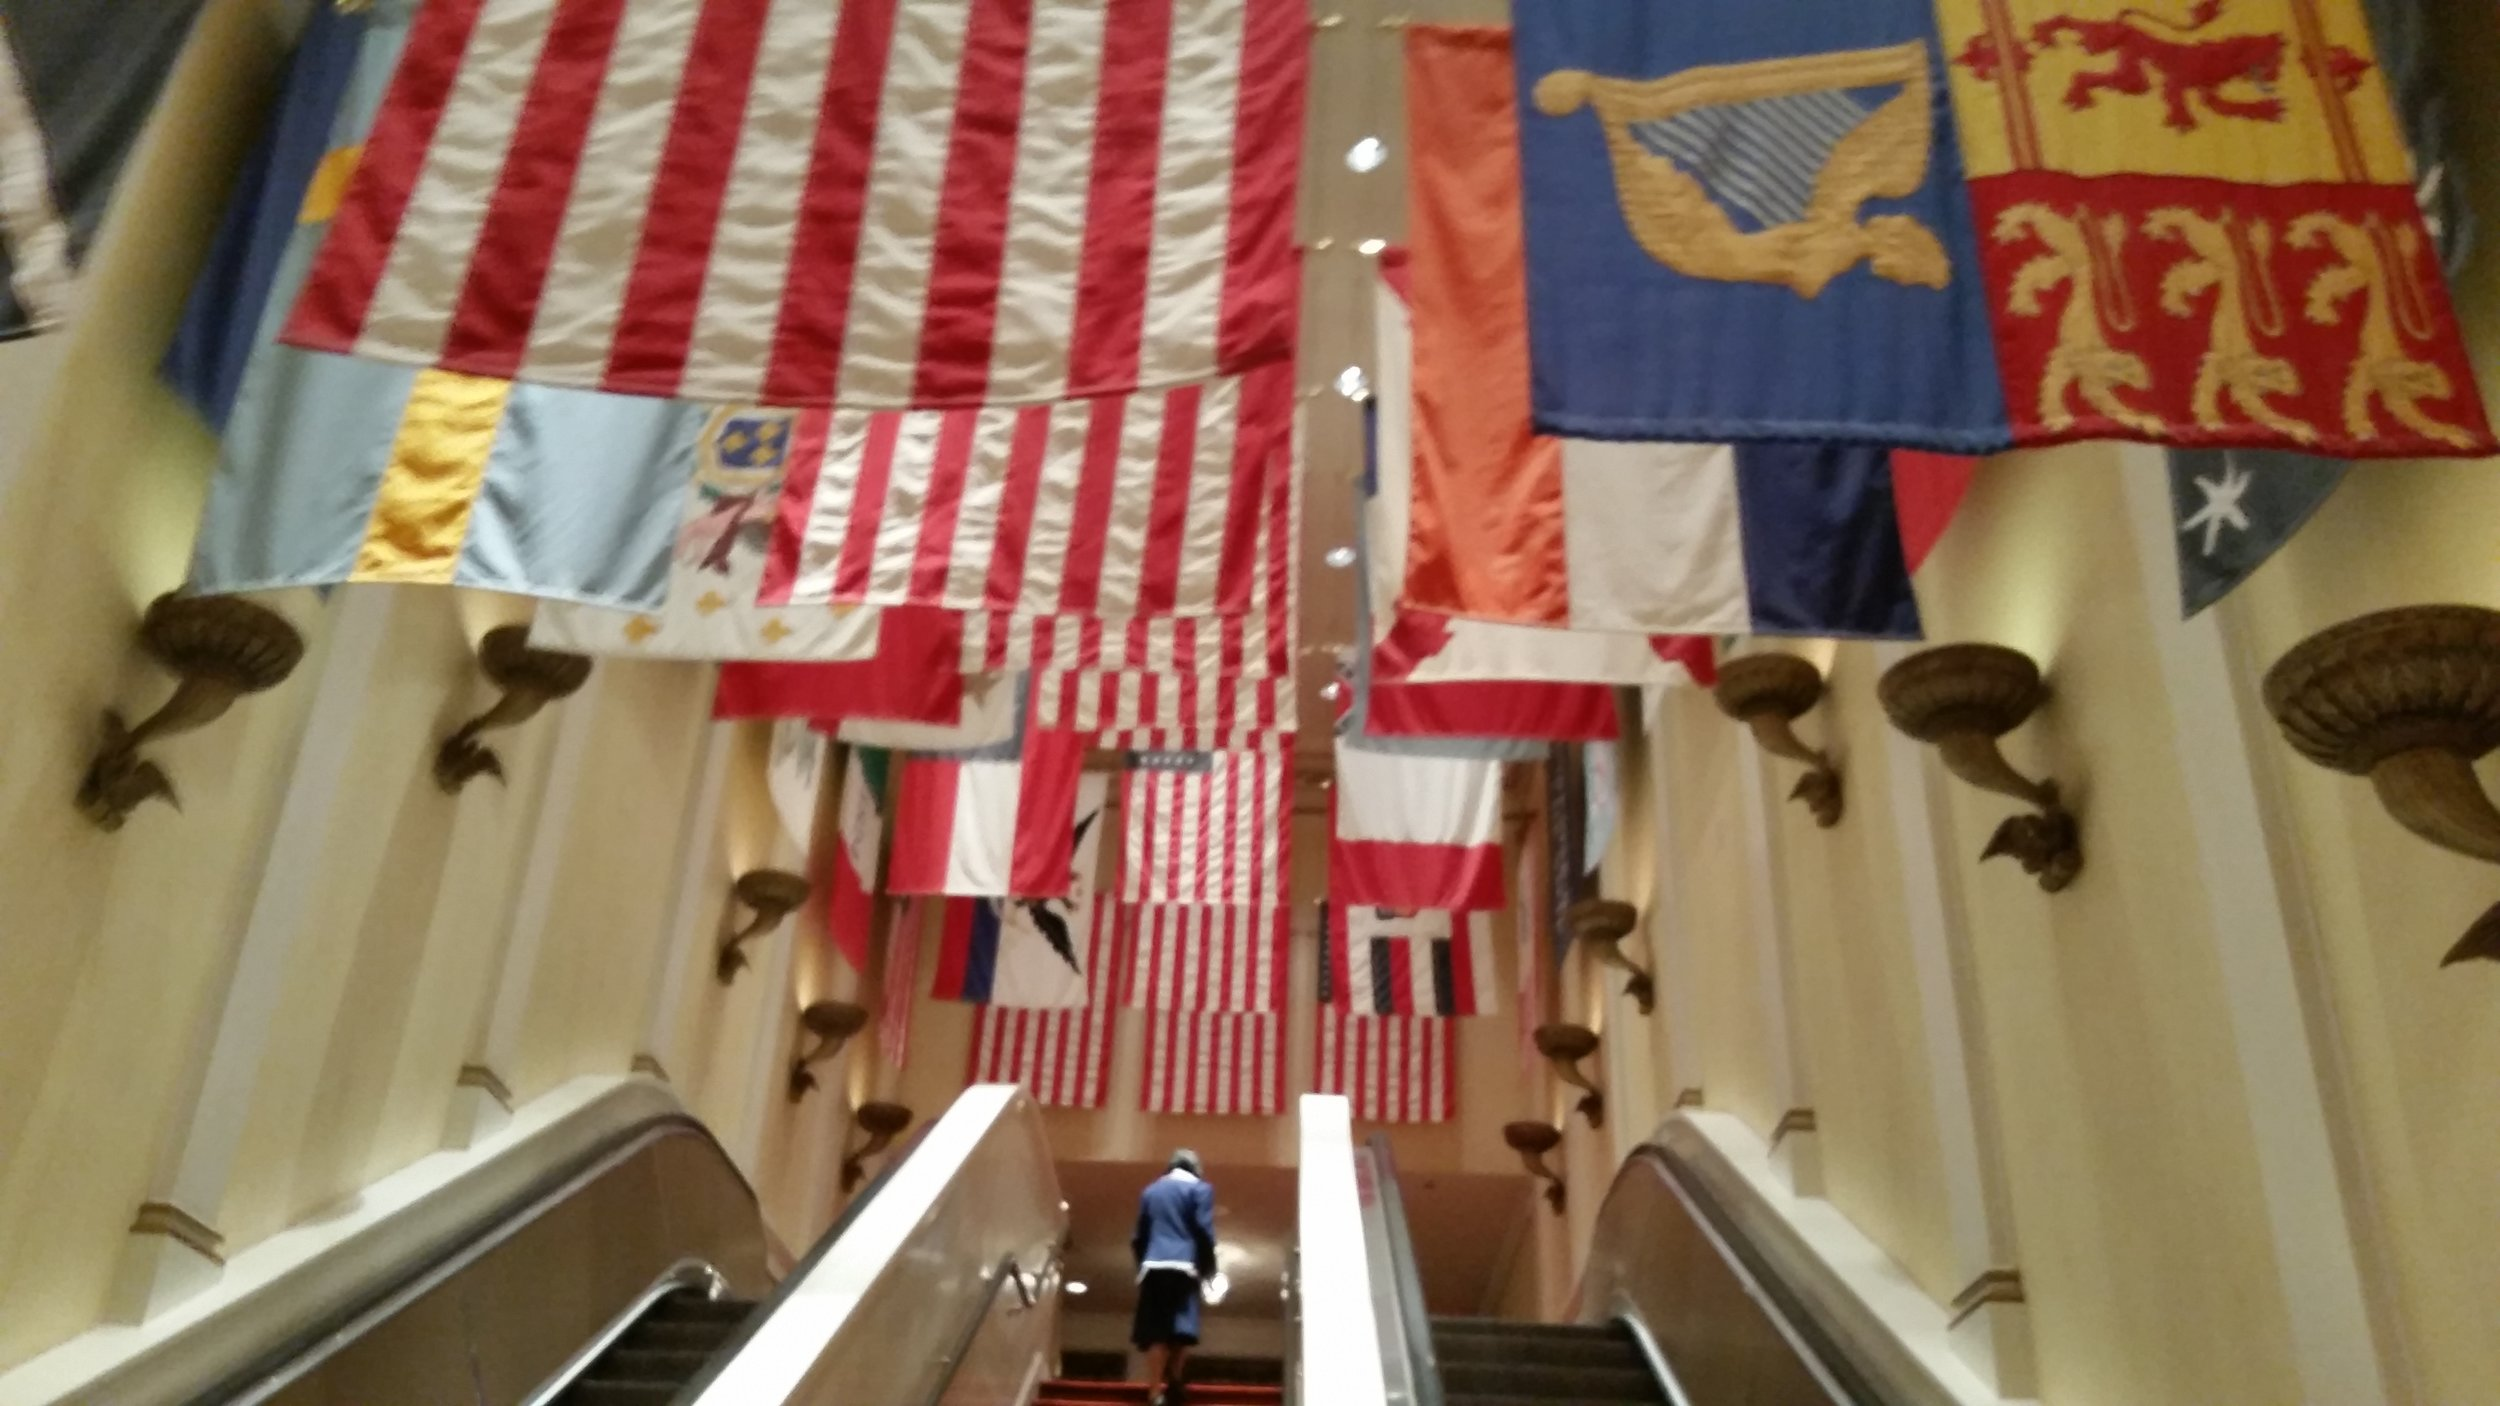 The American Adventure, World Showcase, EPCOT